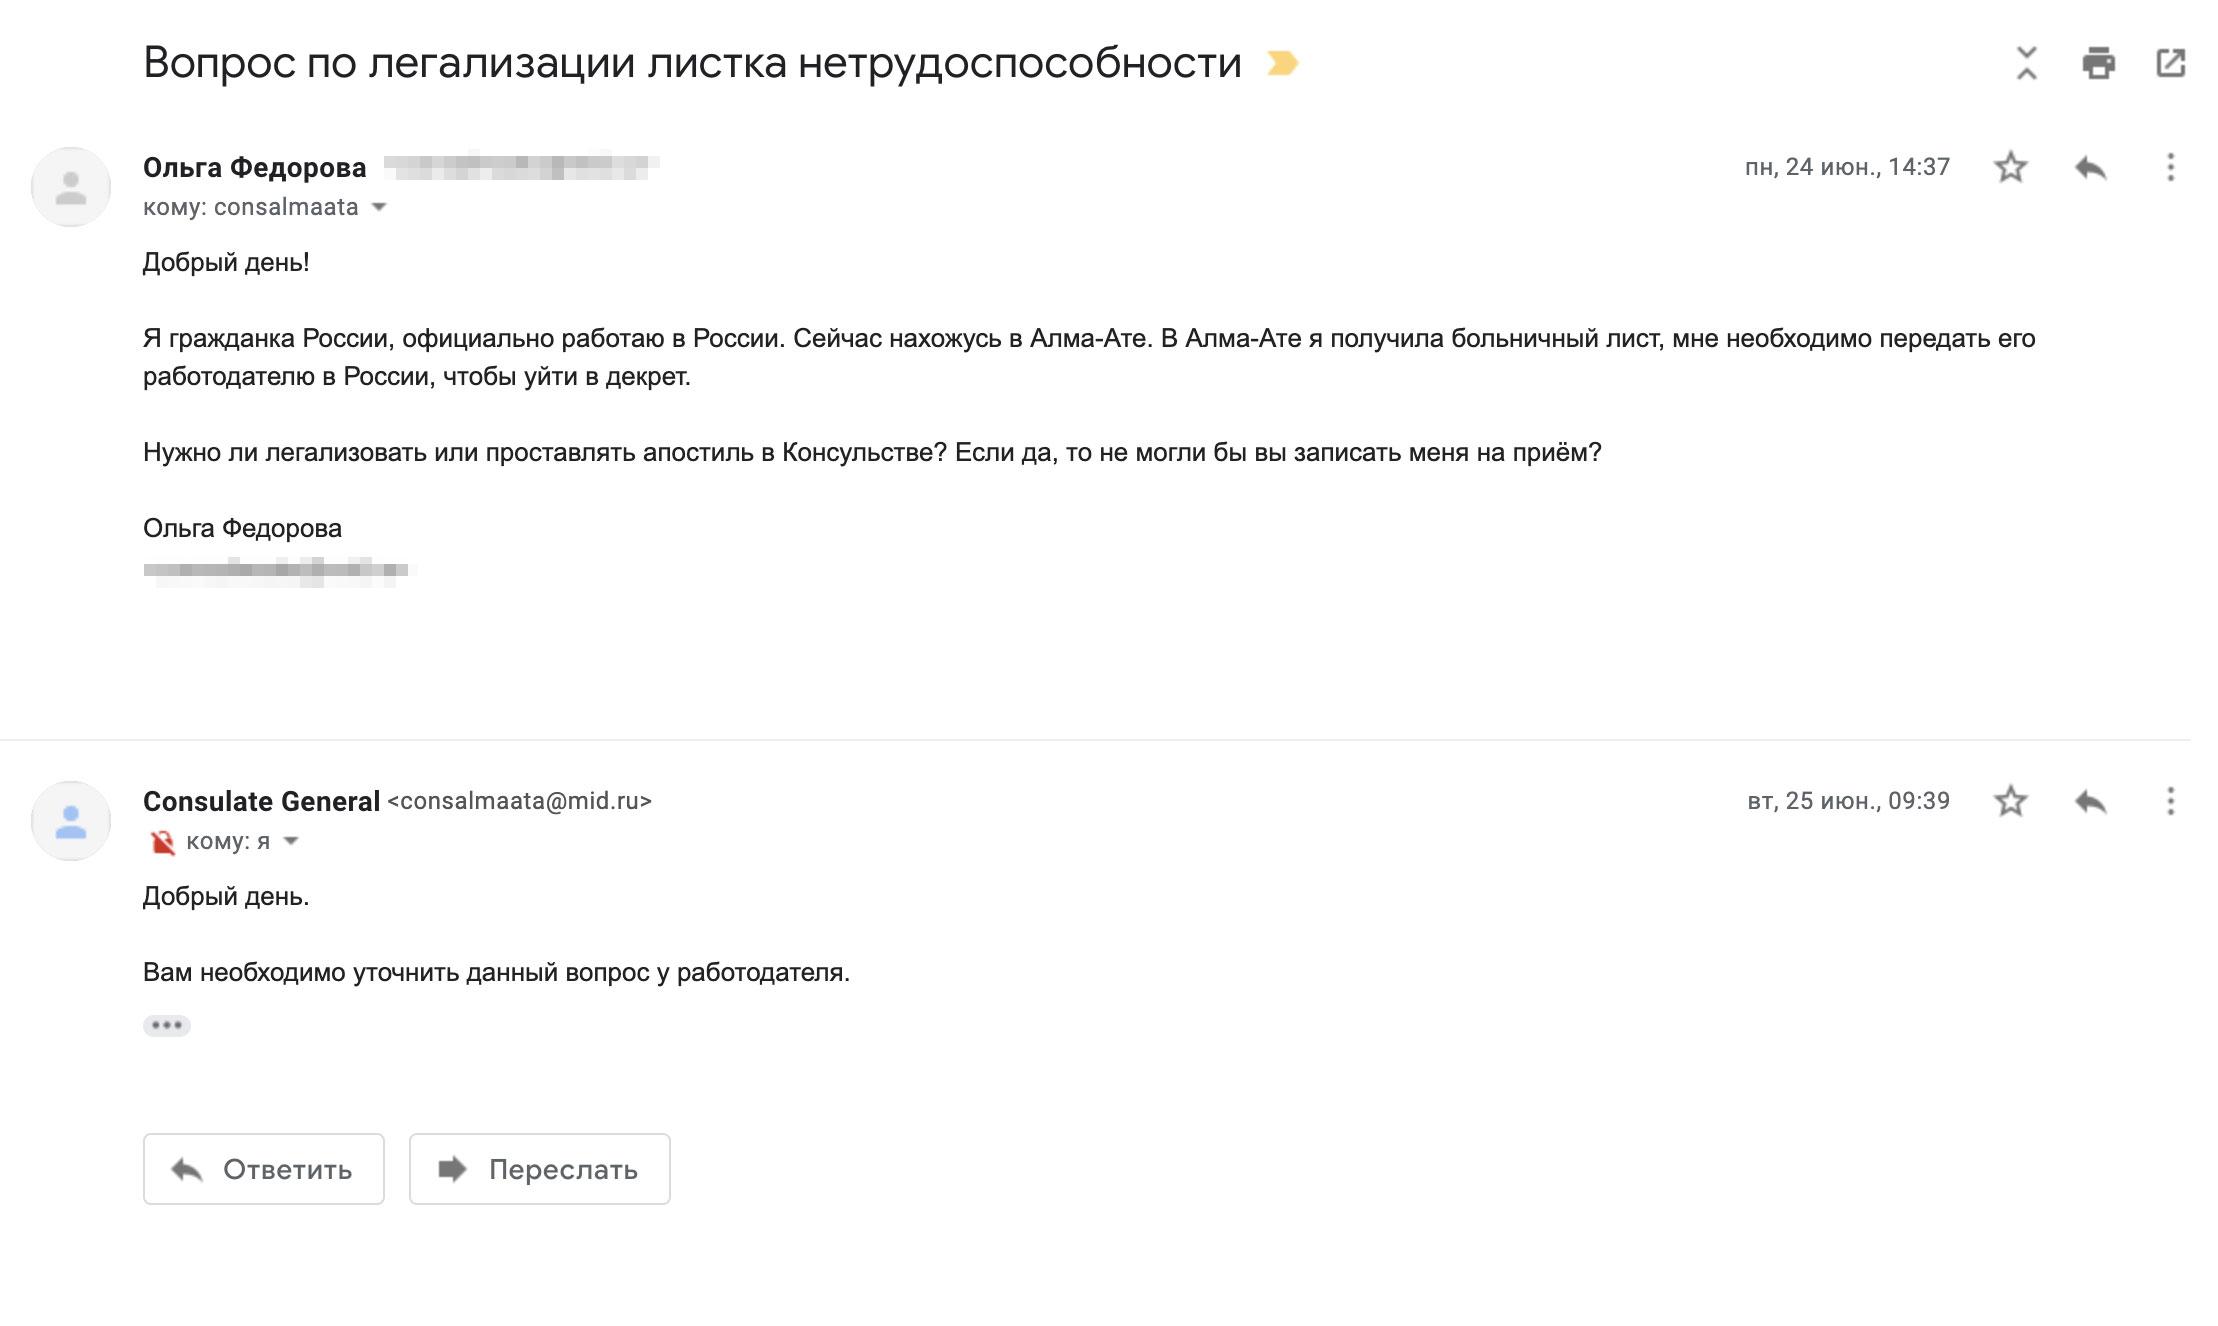 В российском консульстве почему-то решили, что вопрос с легализацией решает работодатель